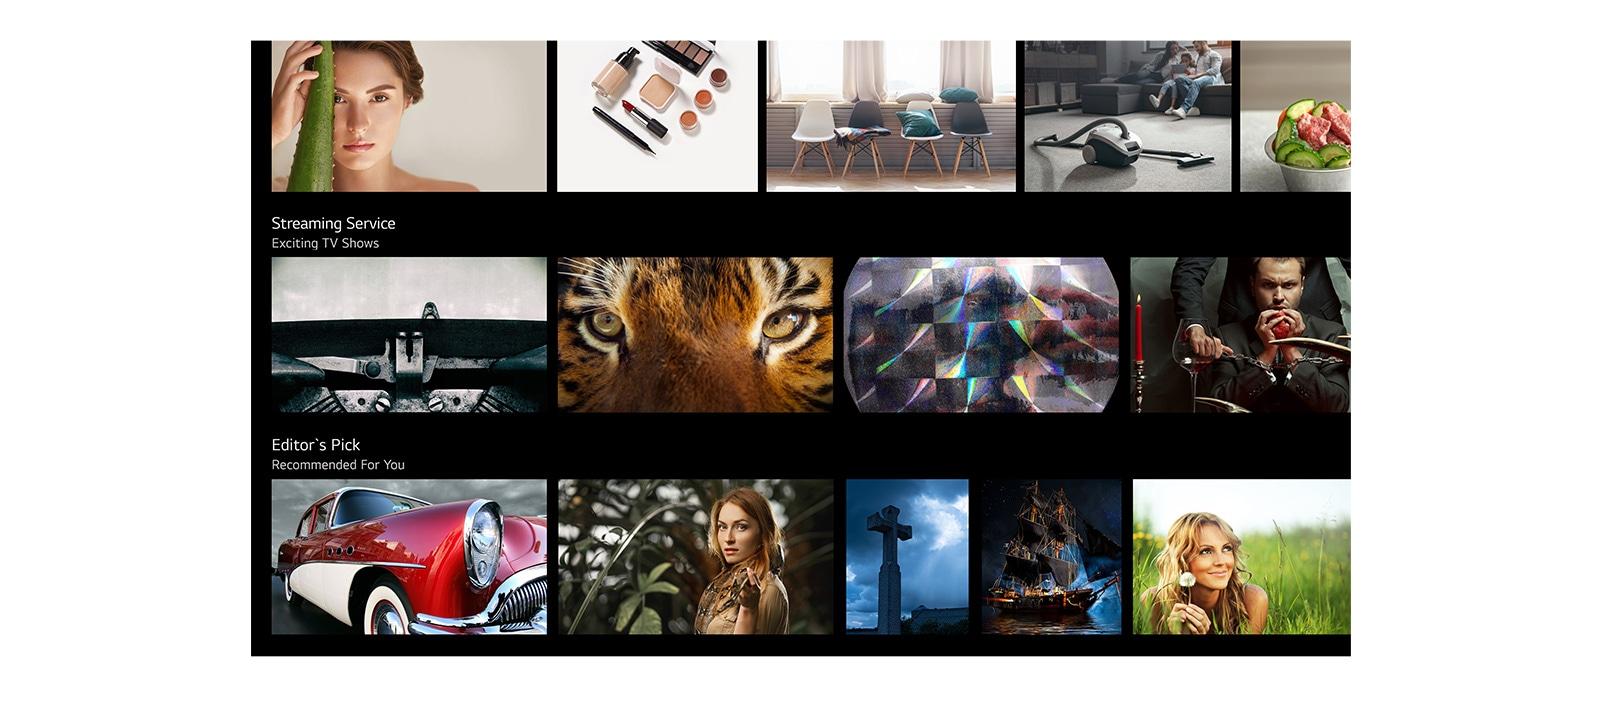 電視螢幕,顯示 LG ThinQ AI 列出並推薦的各種內容